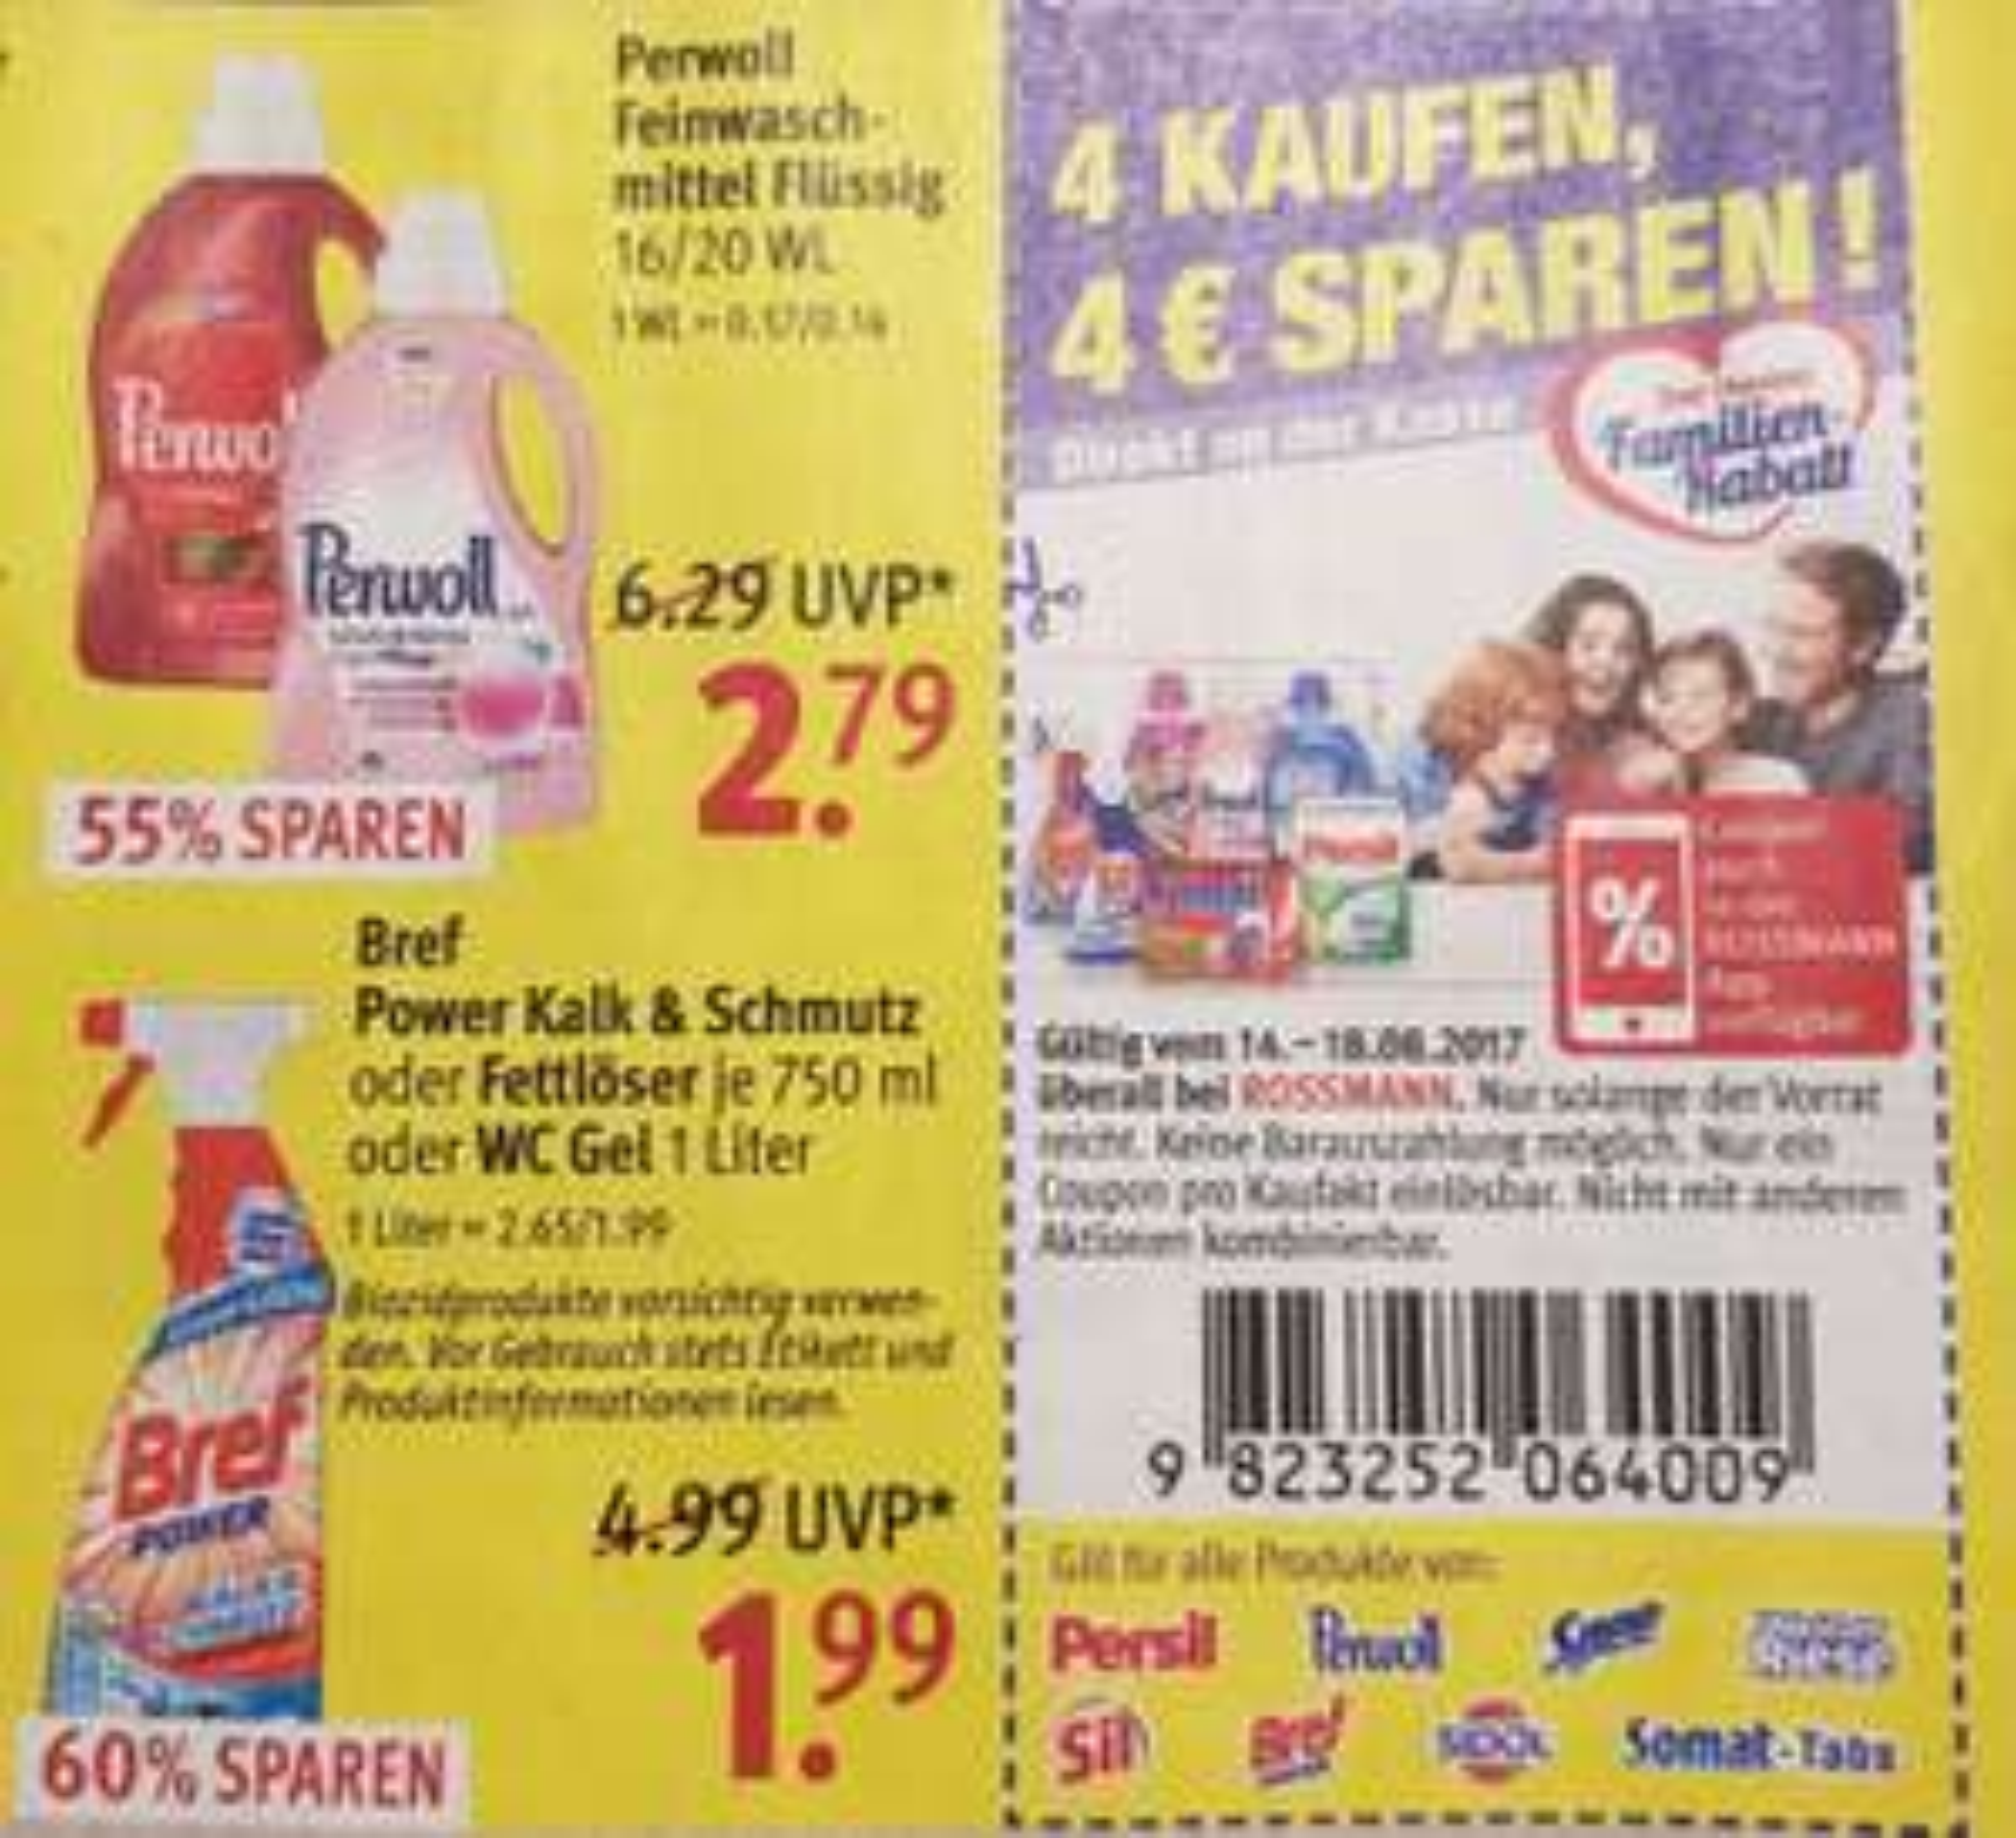 4x Flaschen Bref Power Kalk & Schmutz oder Fettlöser für 3,56€